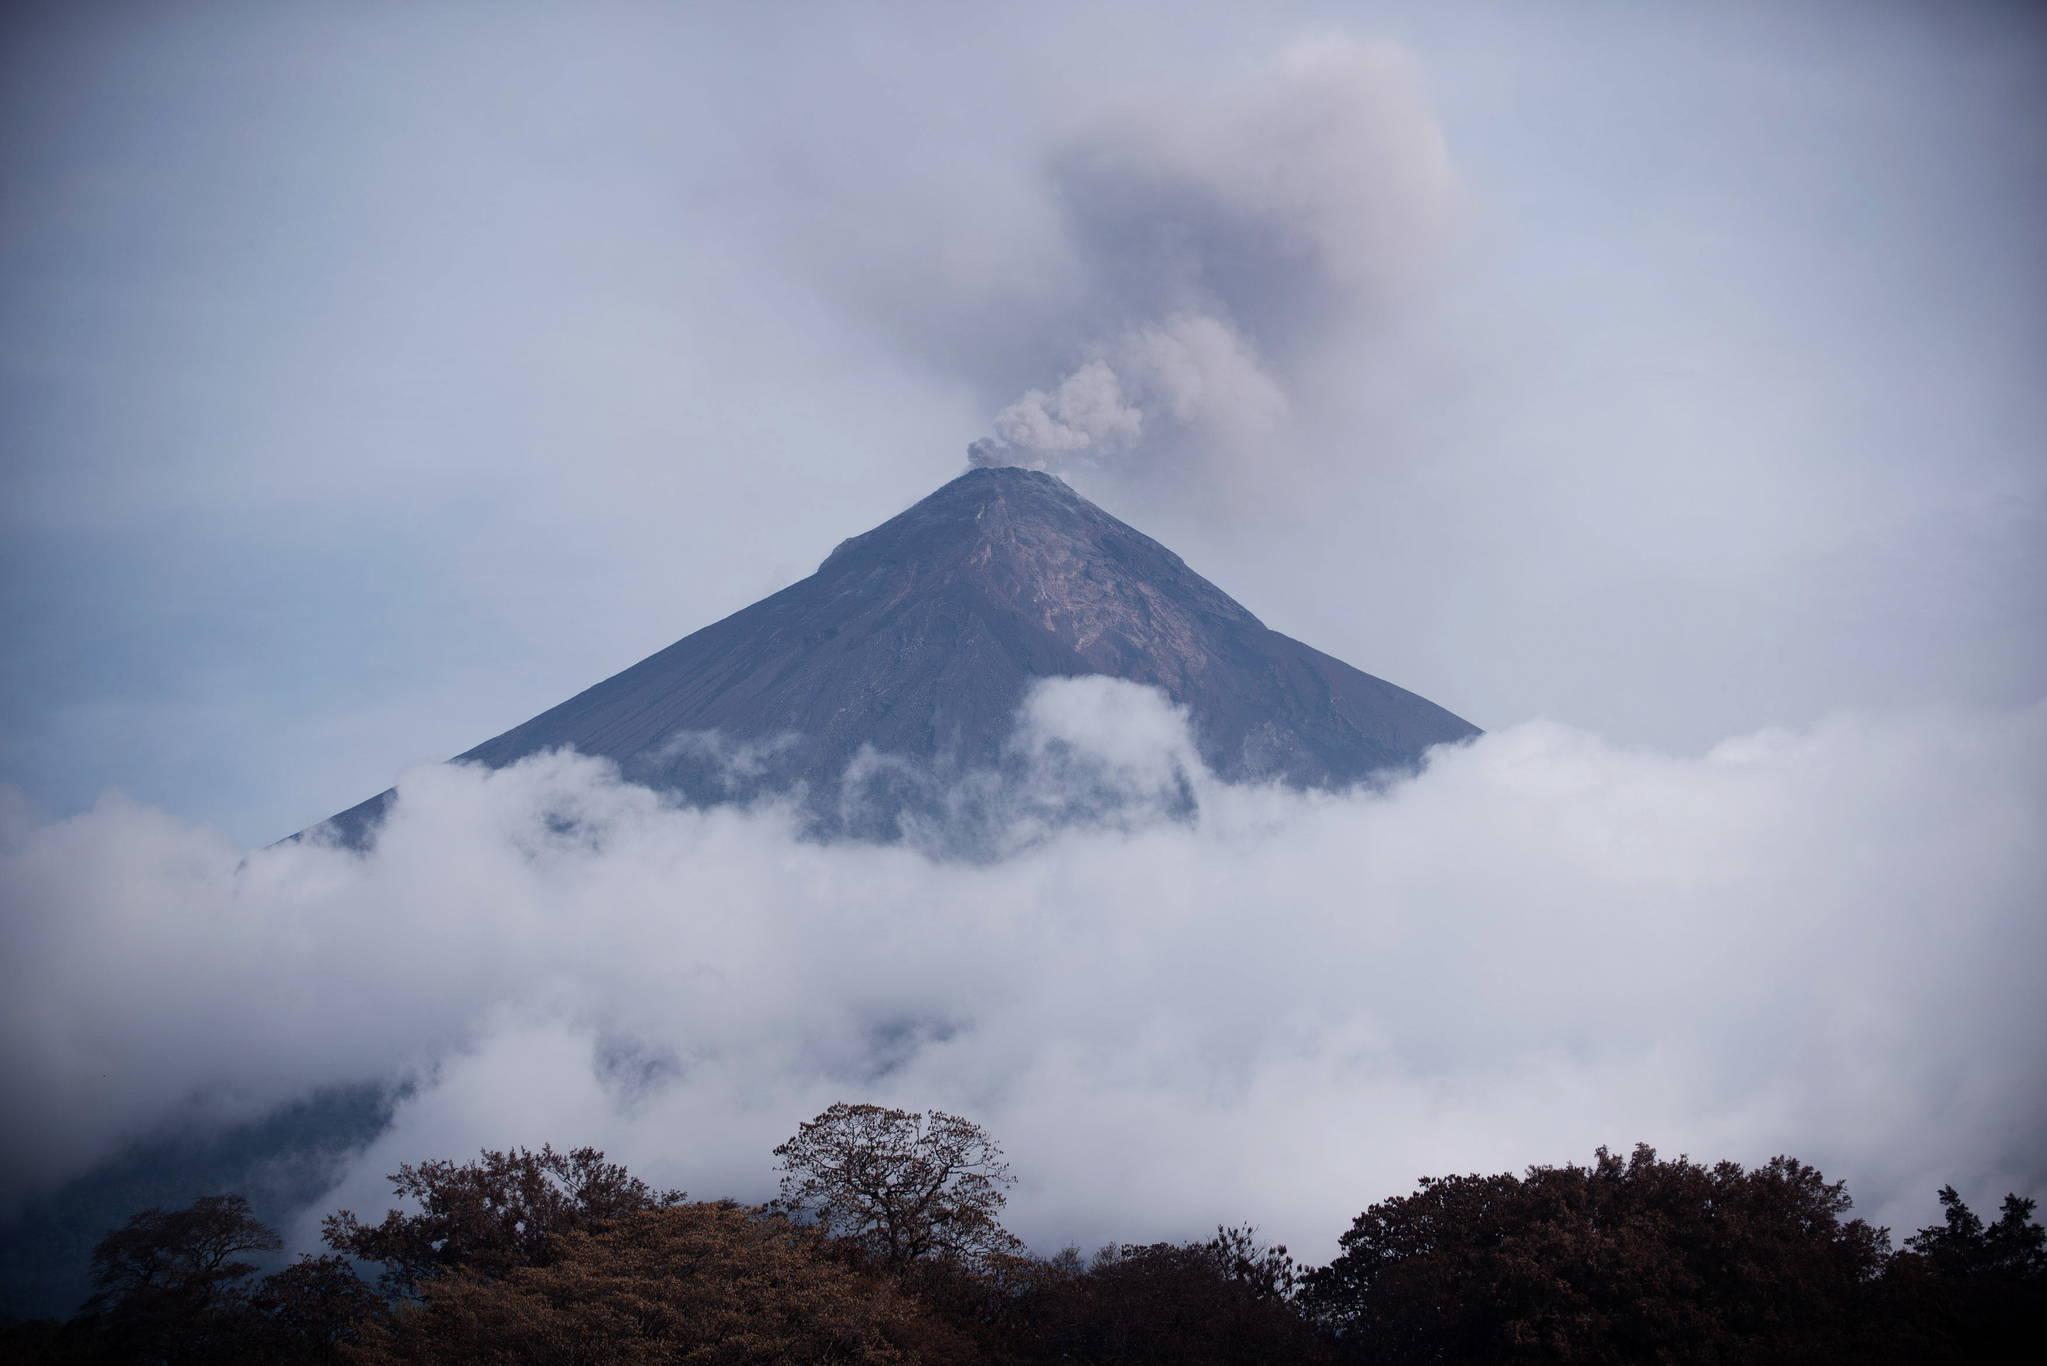 과테말라 푸에고 화산의 분출 모습 [EPA=연합뉴스]